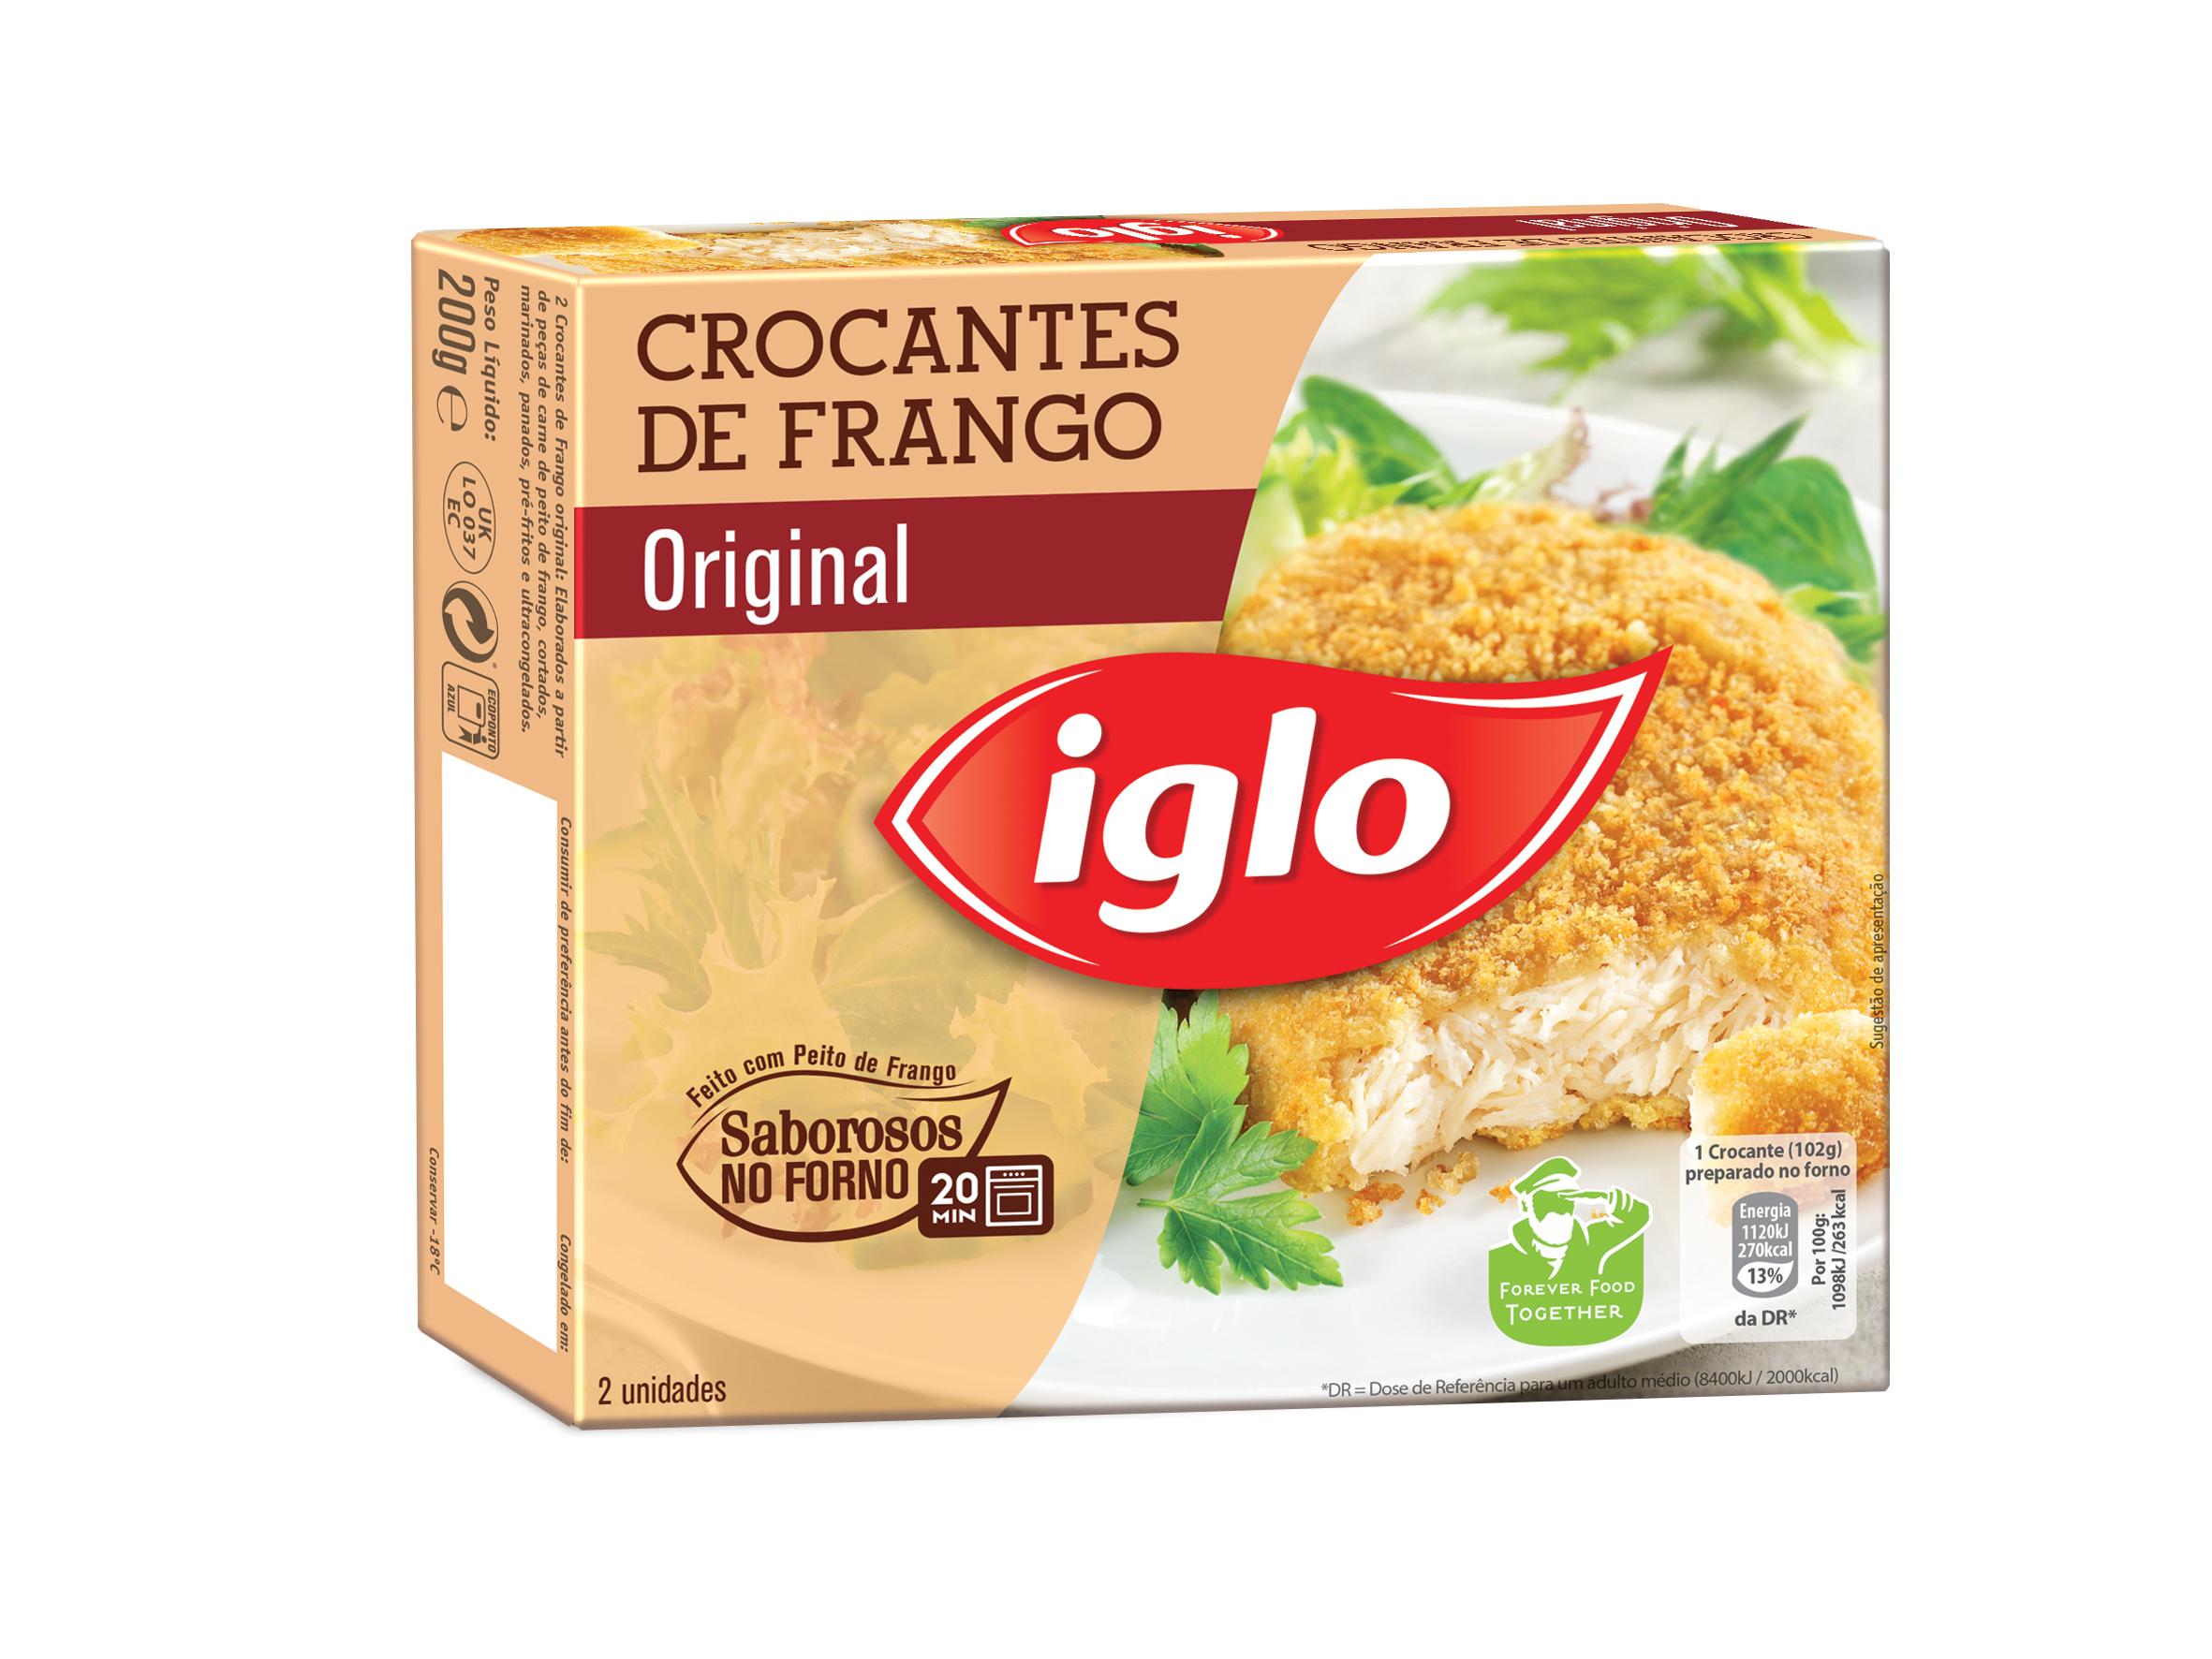 2 Crocantes de Frango Original